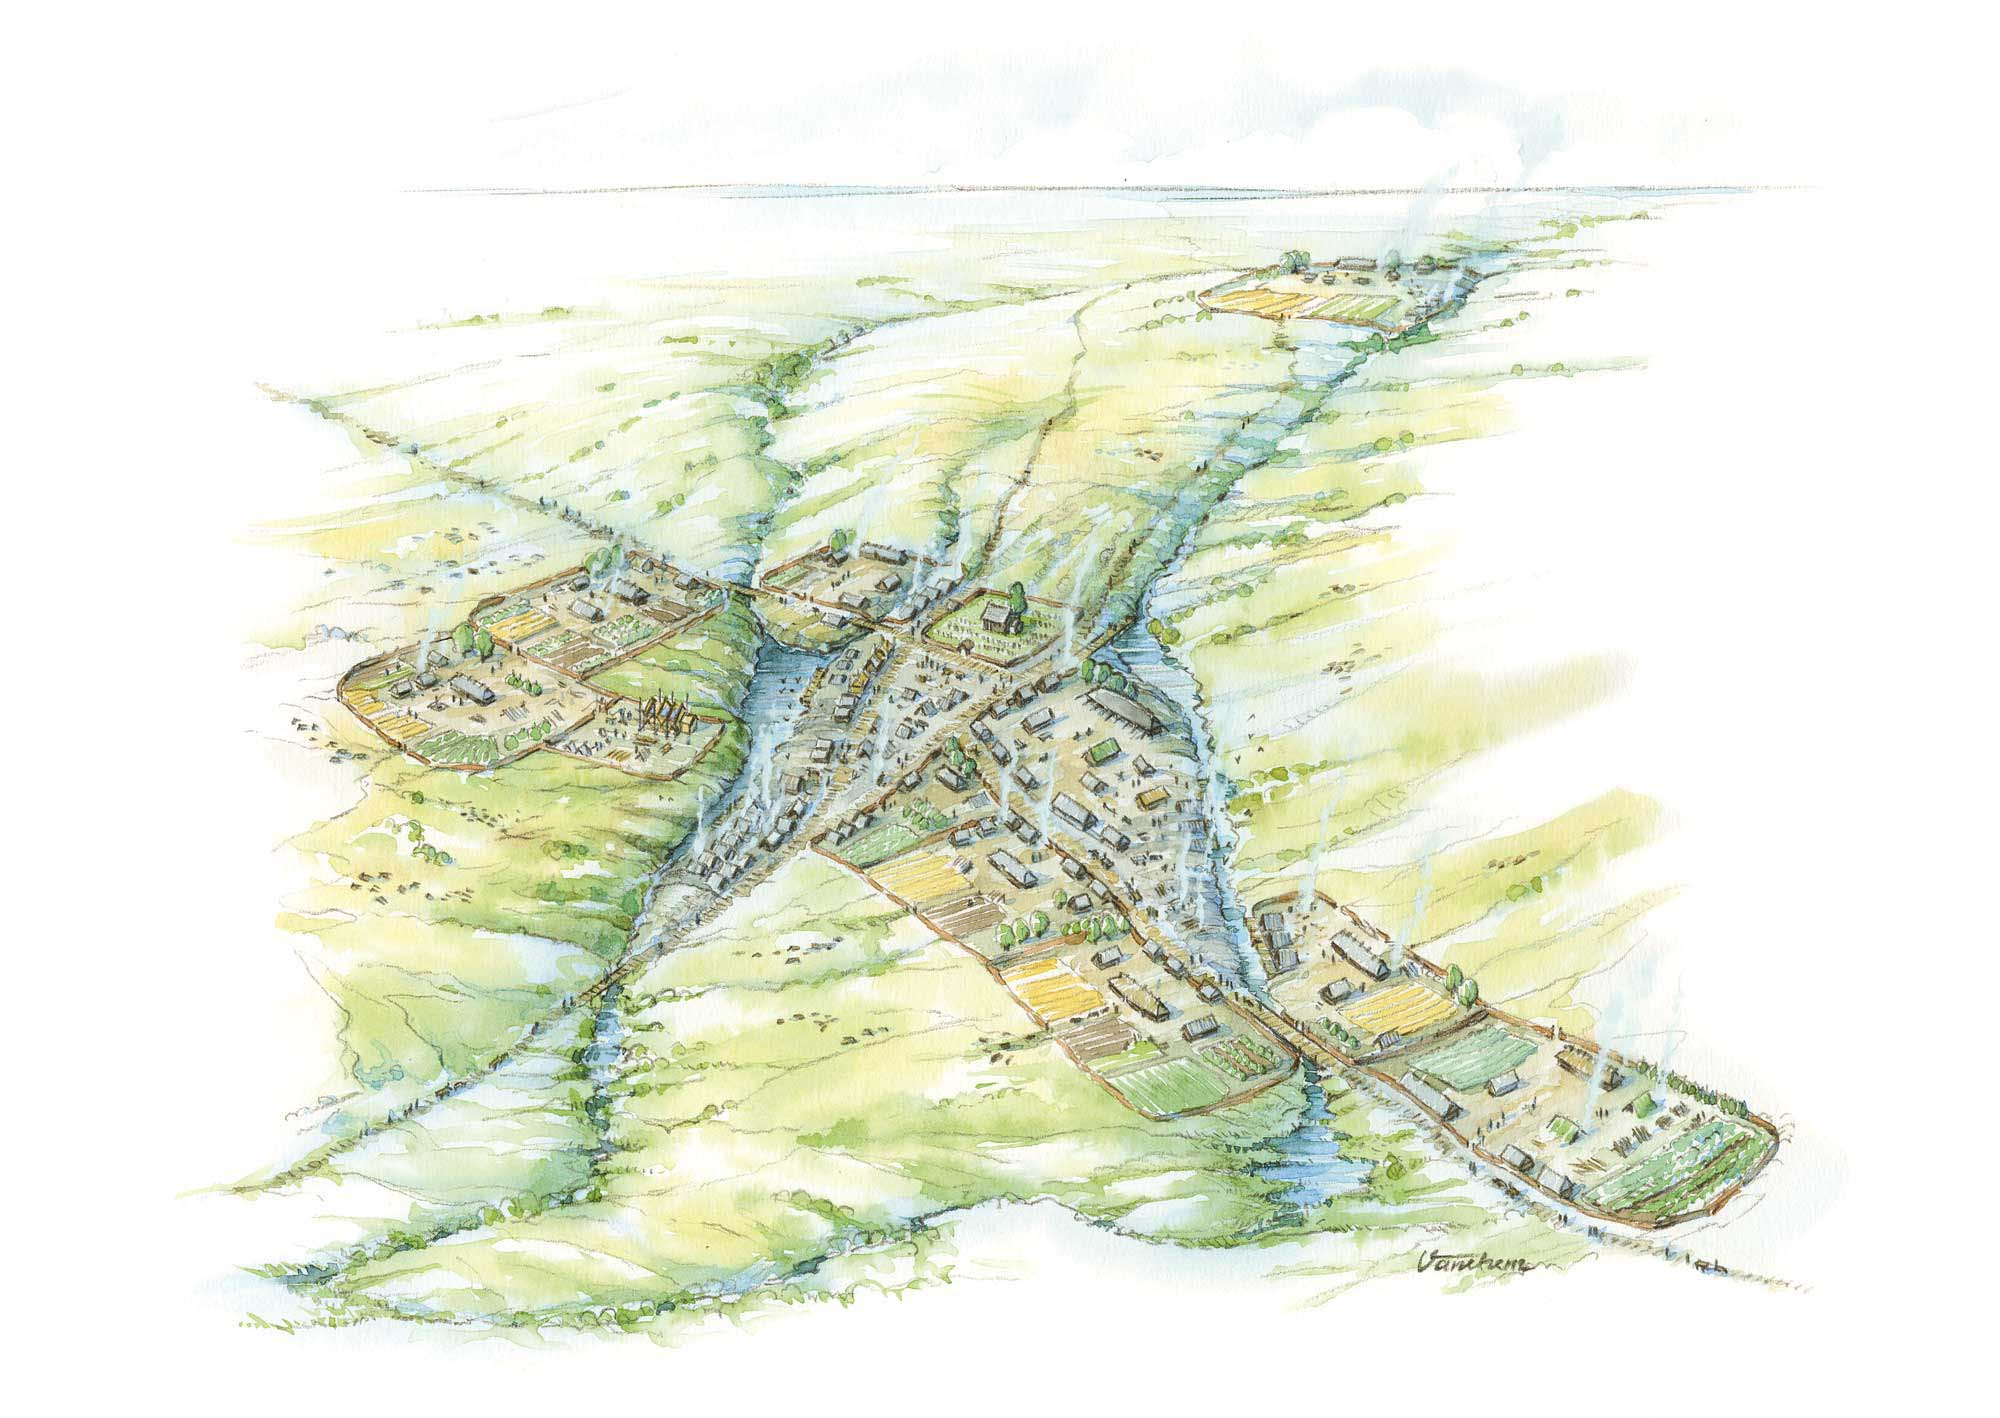 Lund, AD 980